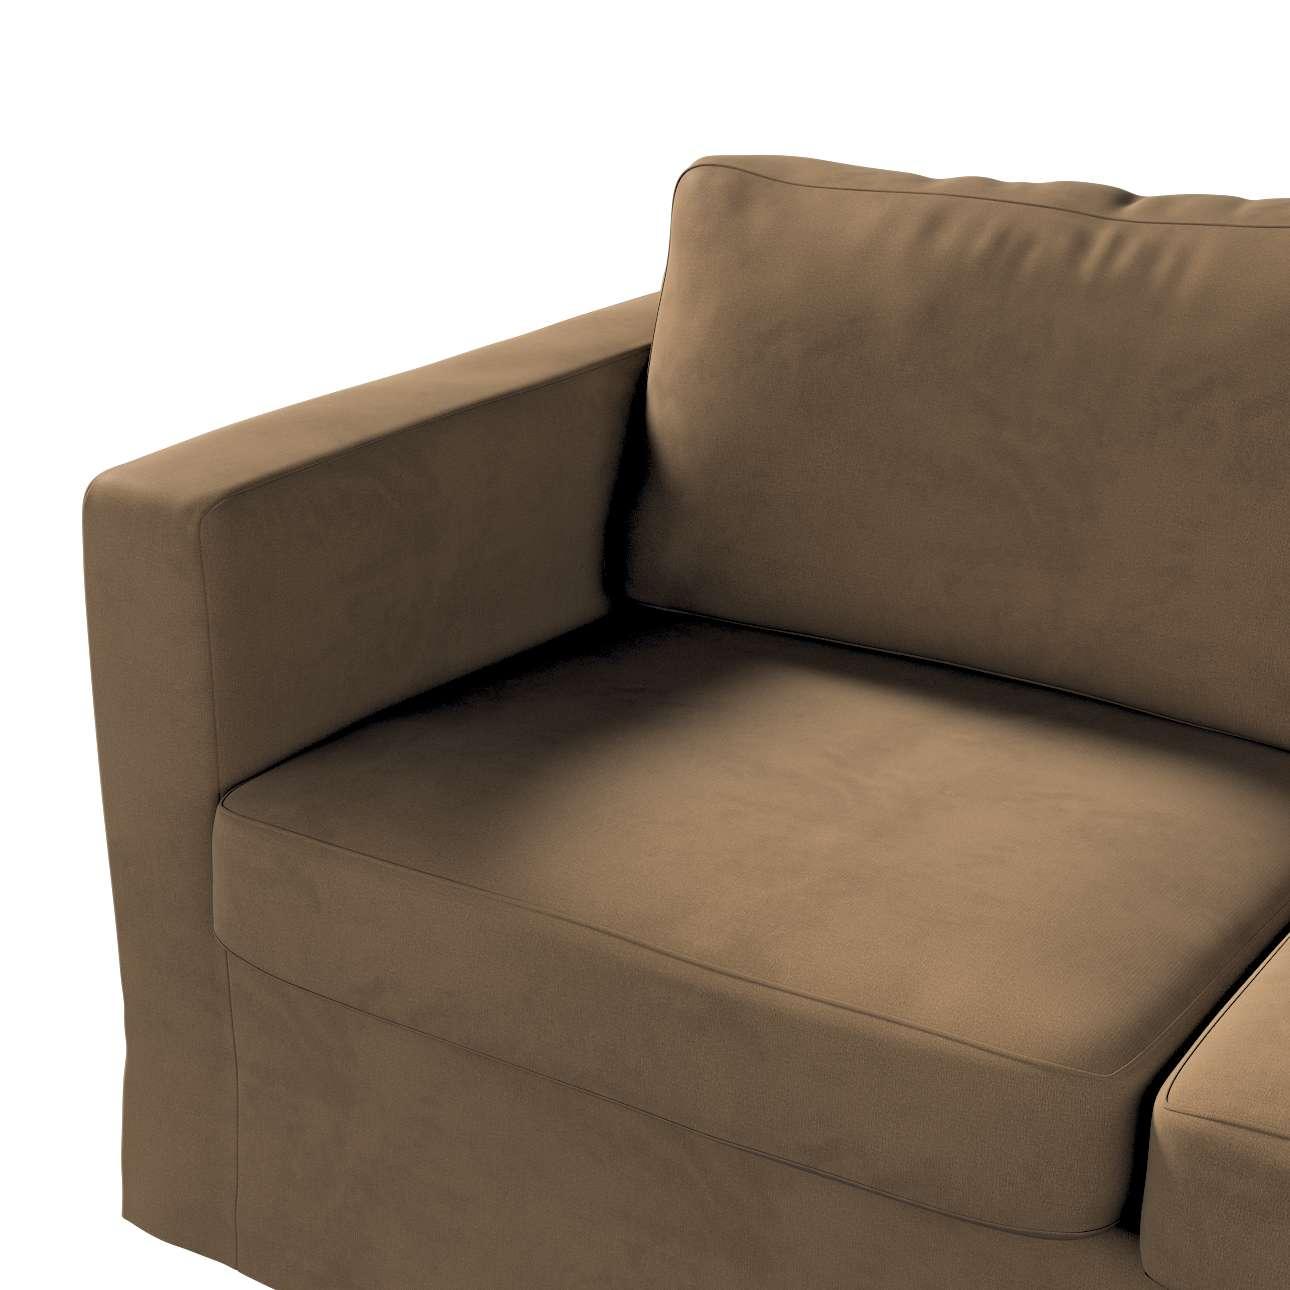 Pokrowiec na sofę Karlstad 2-osobową nierozkładaną długi w kolekcji Living, tkanina: 160-94